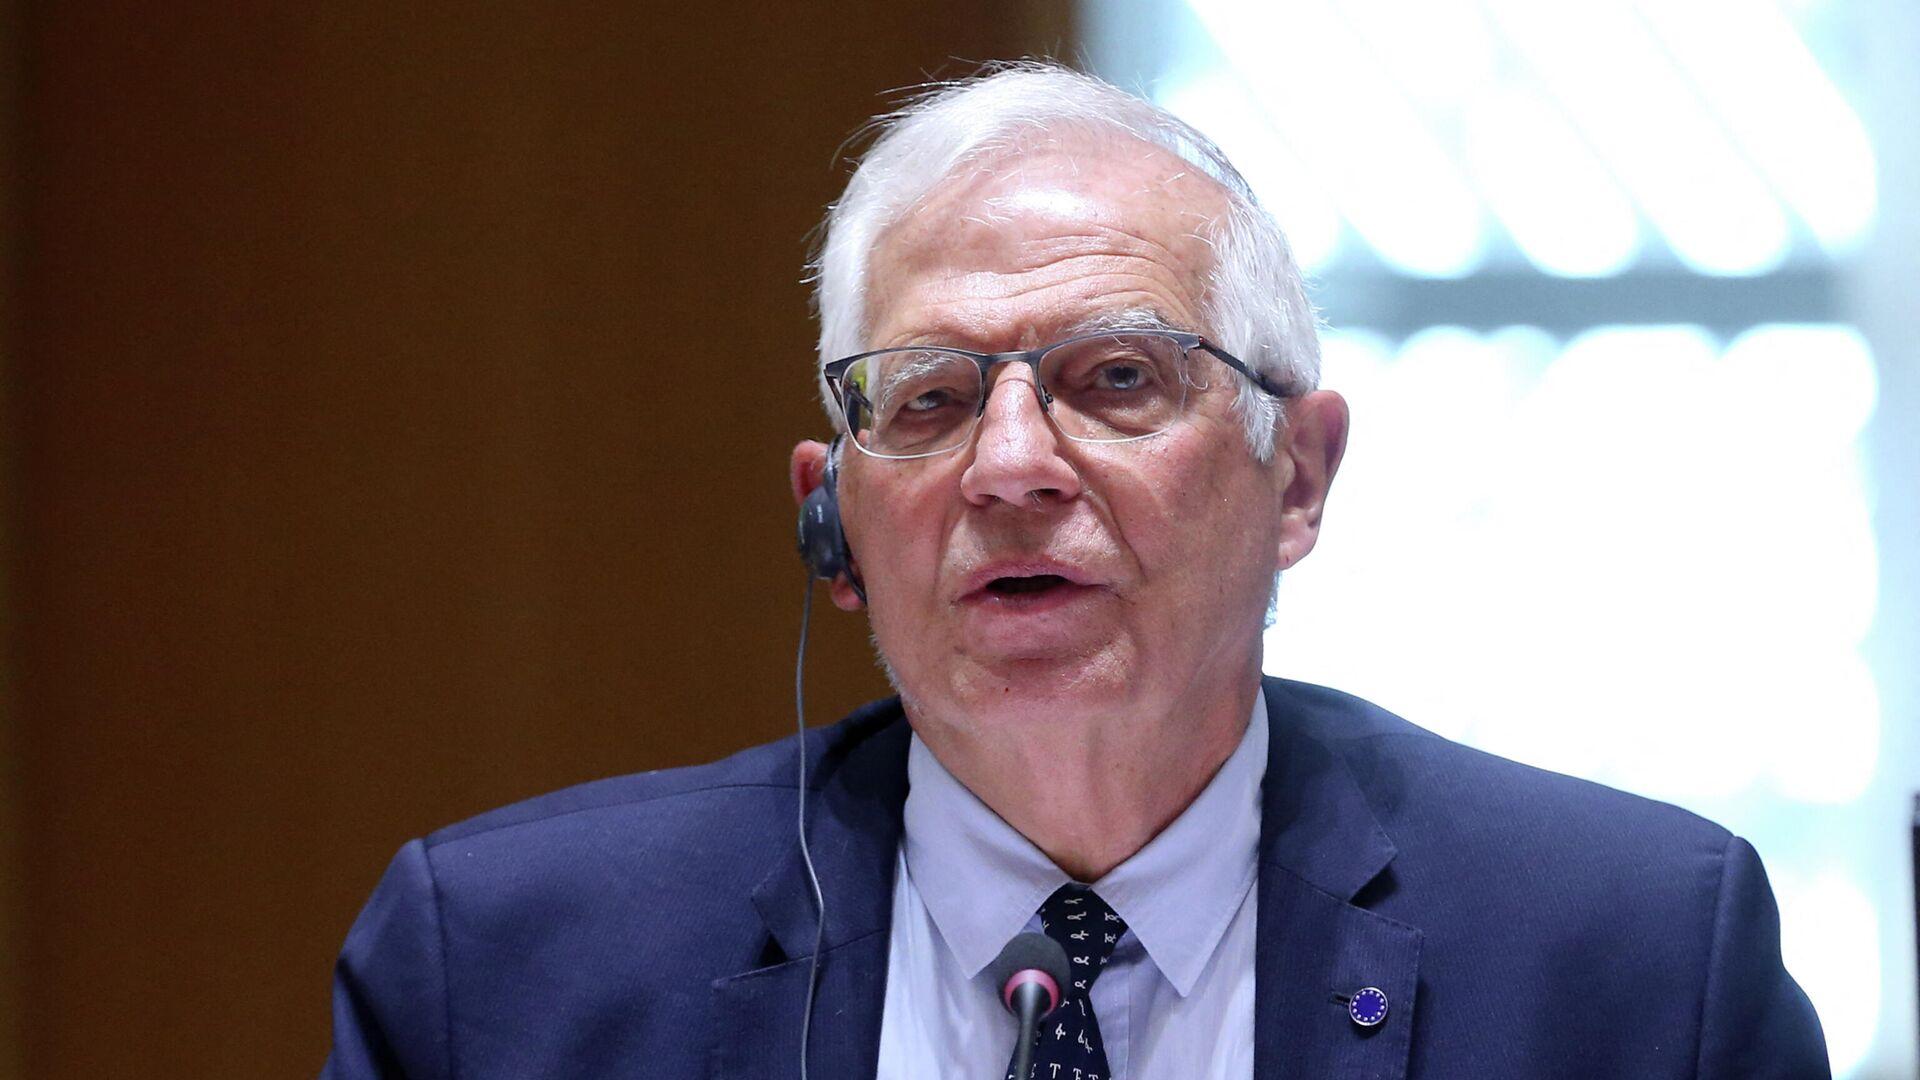 Der Hohe Vertreter der EU für auswärtige Angelegenheiten, Josep Borrell, spricht während eines Video-Treffens mit den europäischen Außenministern am 19. April 2021 auf der Tagung des Europäischen Rates in Brüssel über die Lage in der Ukraine.  - SNA, 1920, 19.04.2021